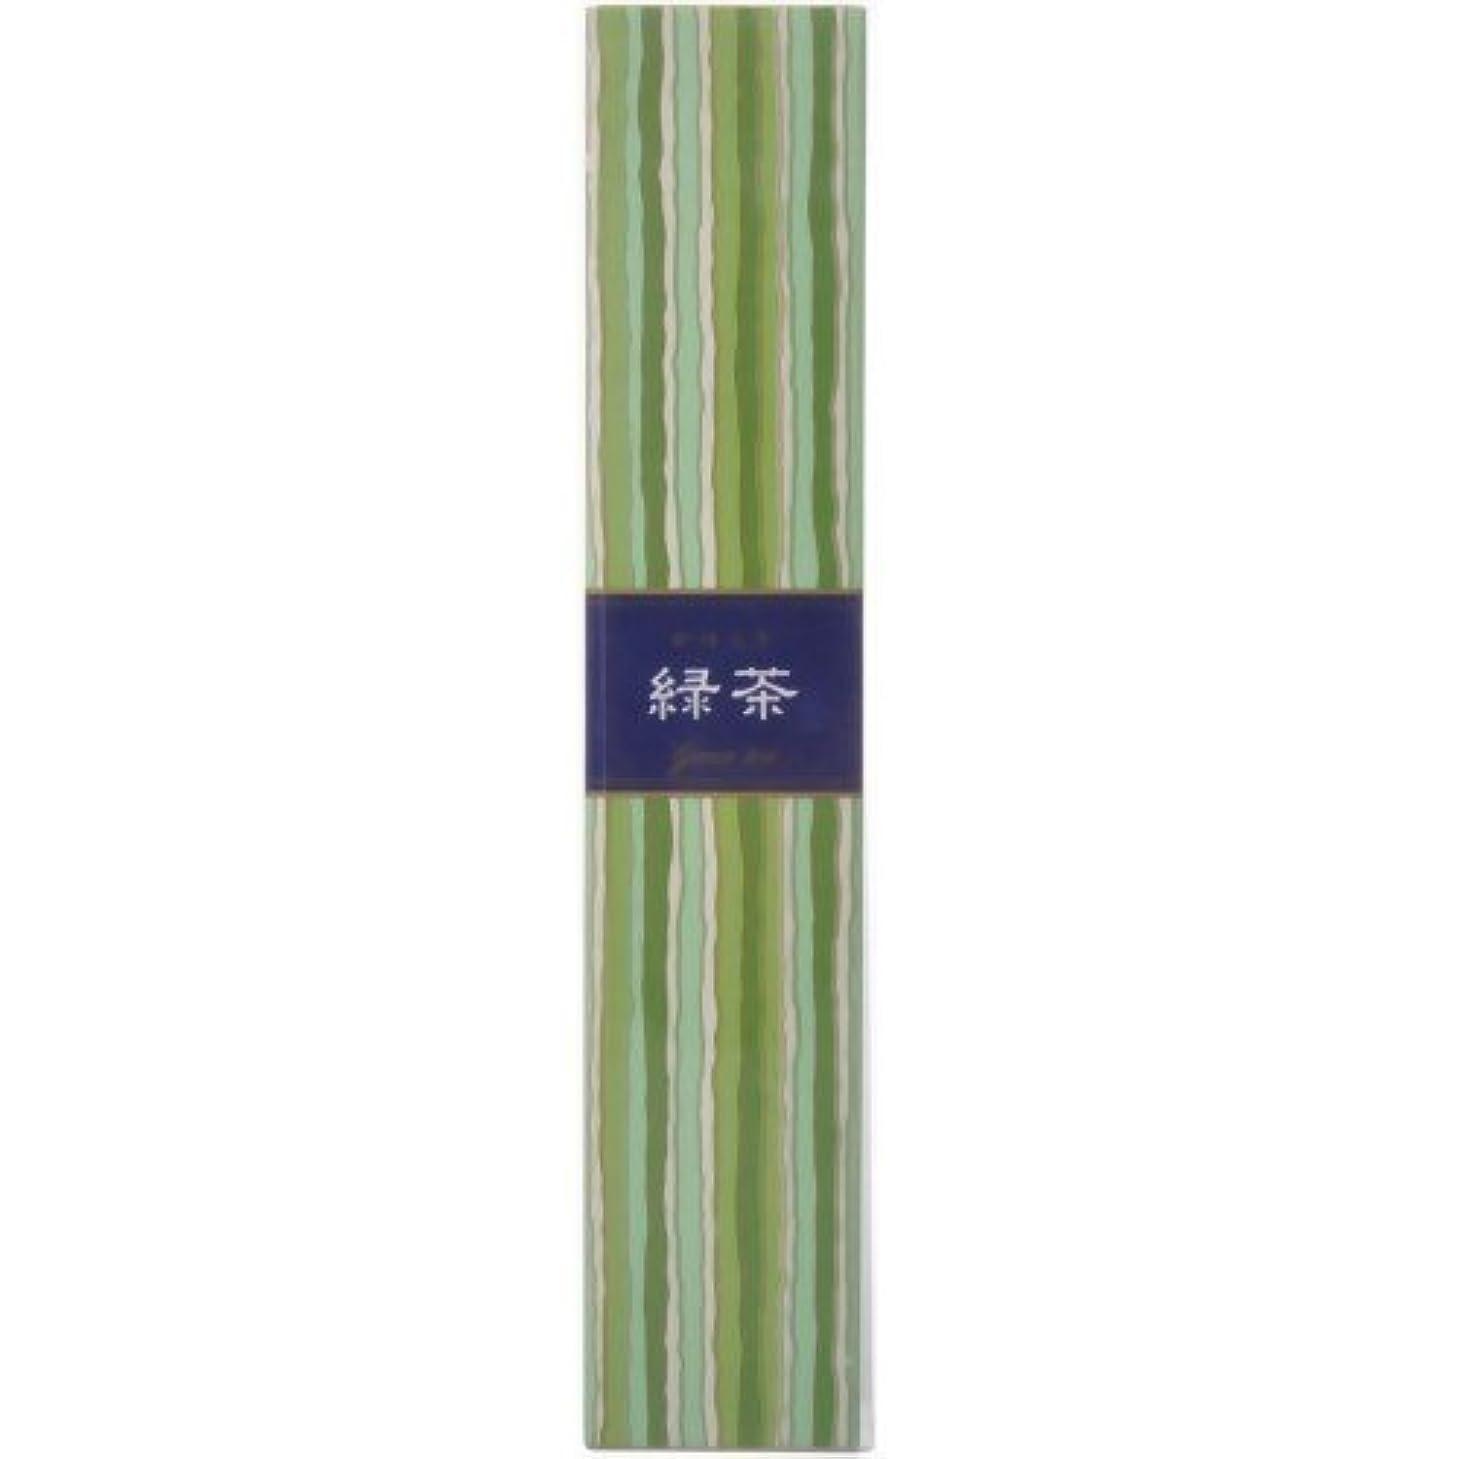 免疫汚染眠る【セット品】かゆらぎ 緑茶 スティック40本入 香立付 ×3個